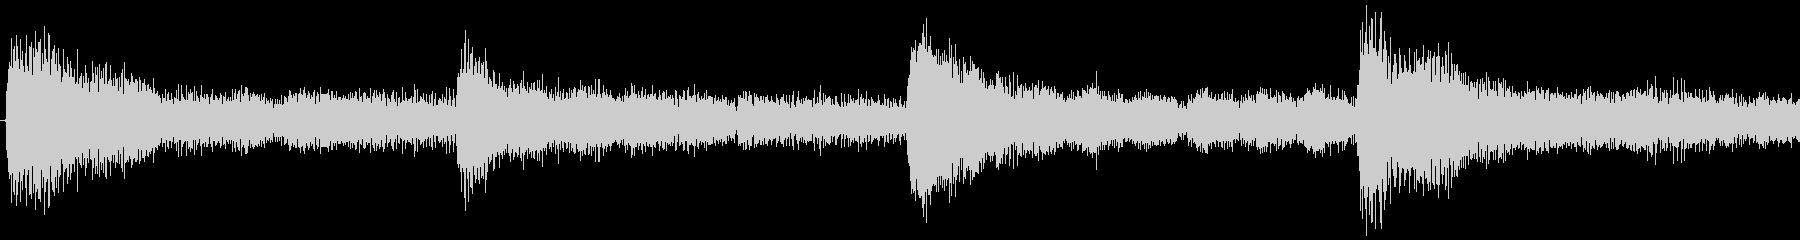 ハローウィン用のホラー曲-ループ4の未再生の波形